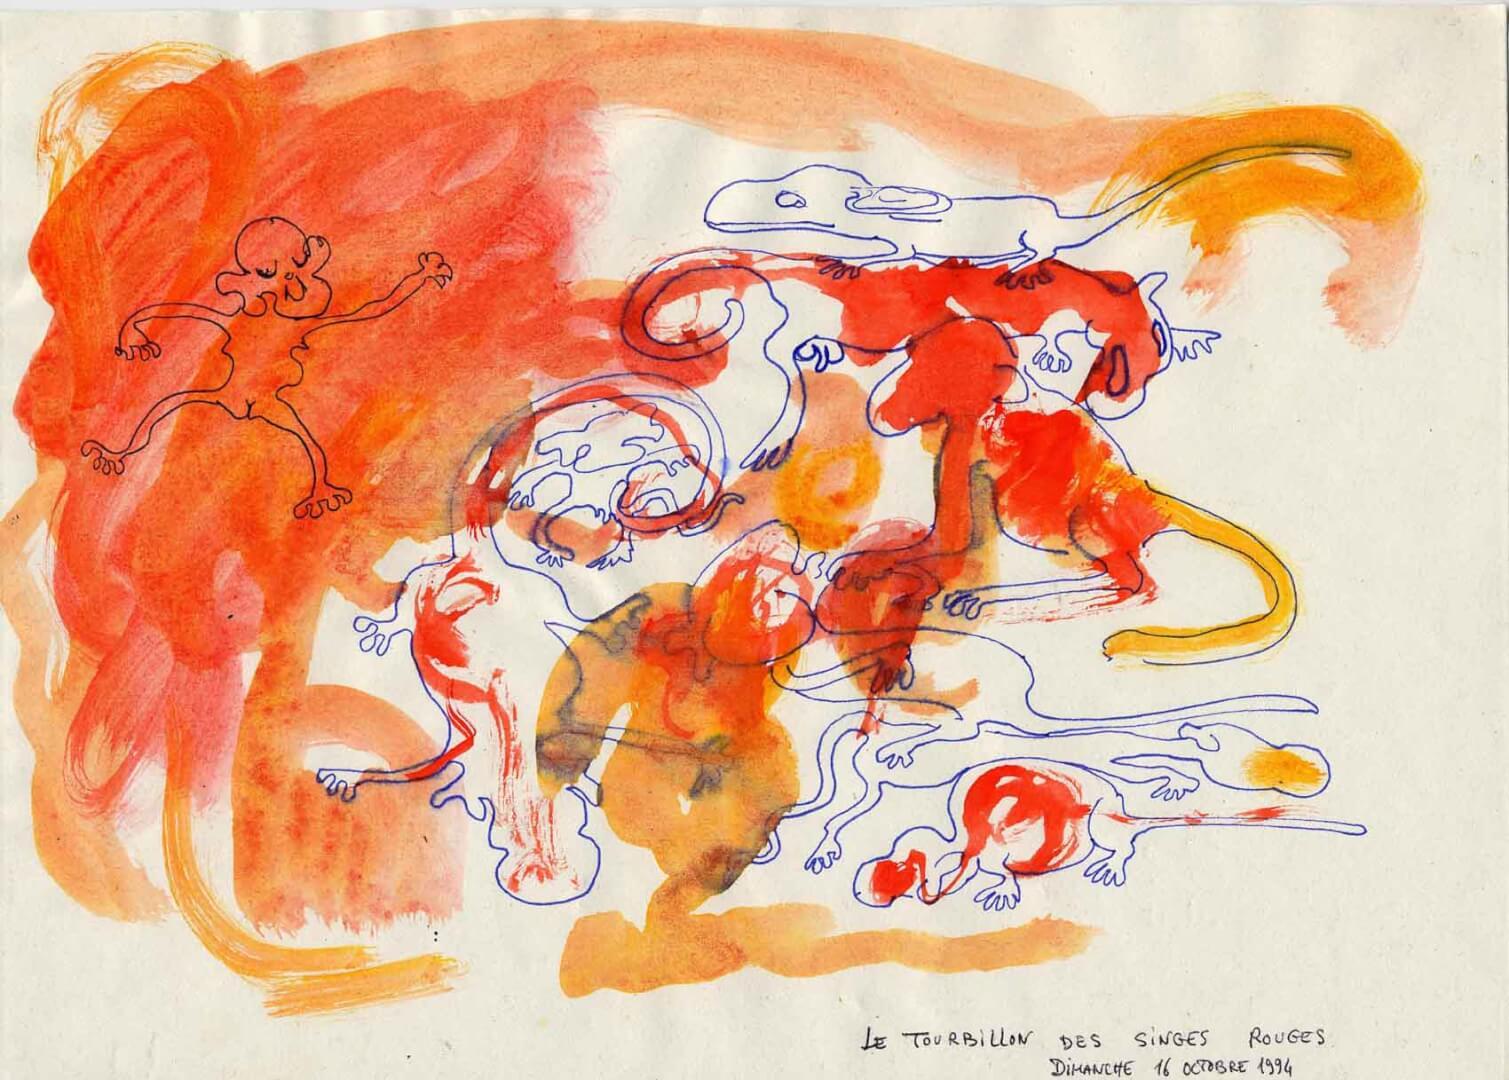 Tourbillon de singes rouges © David Noir | Dessins, peintures, collages